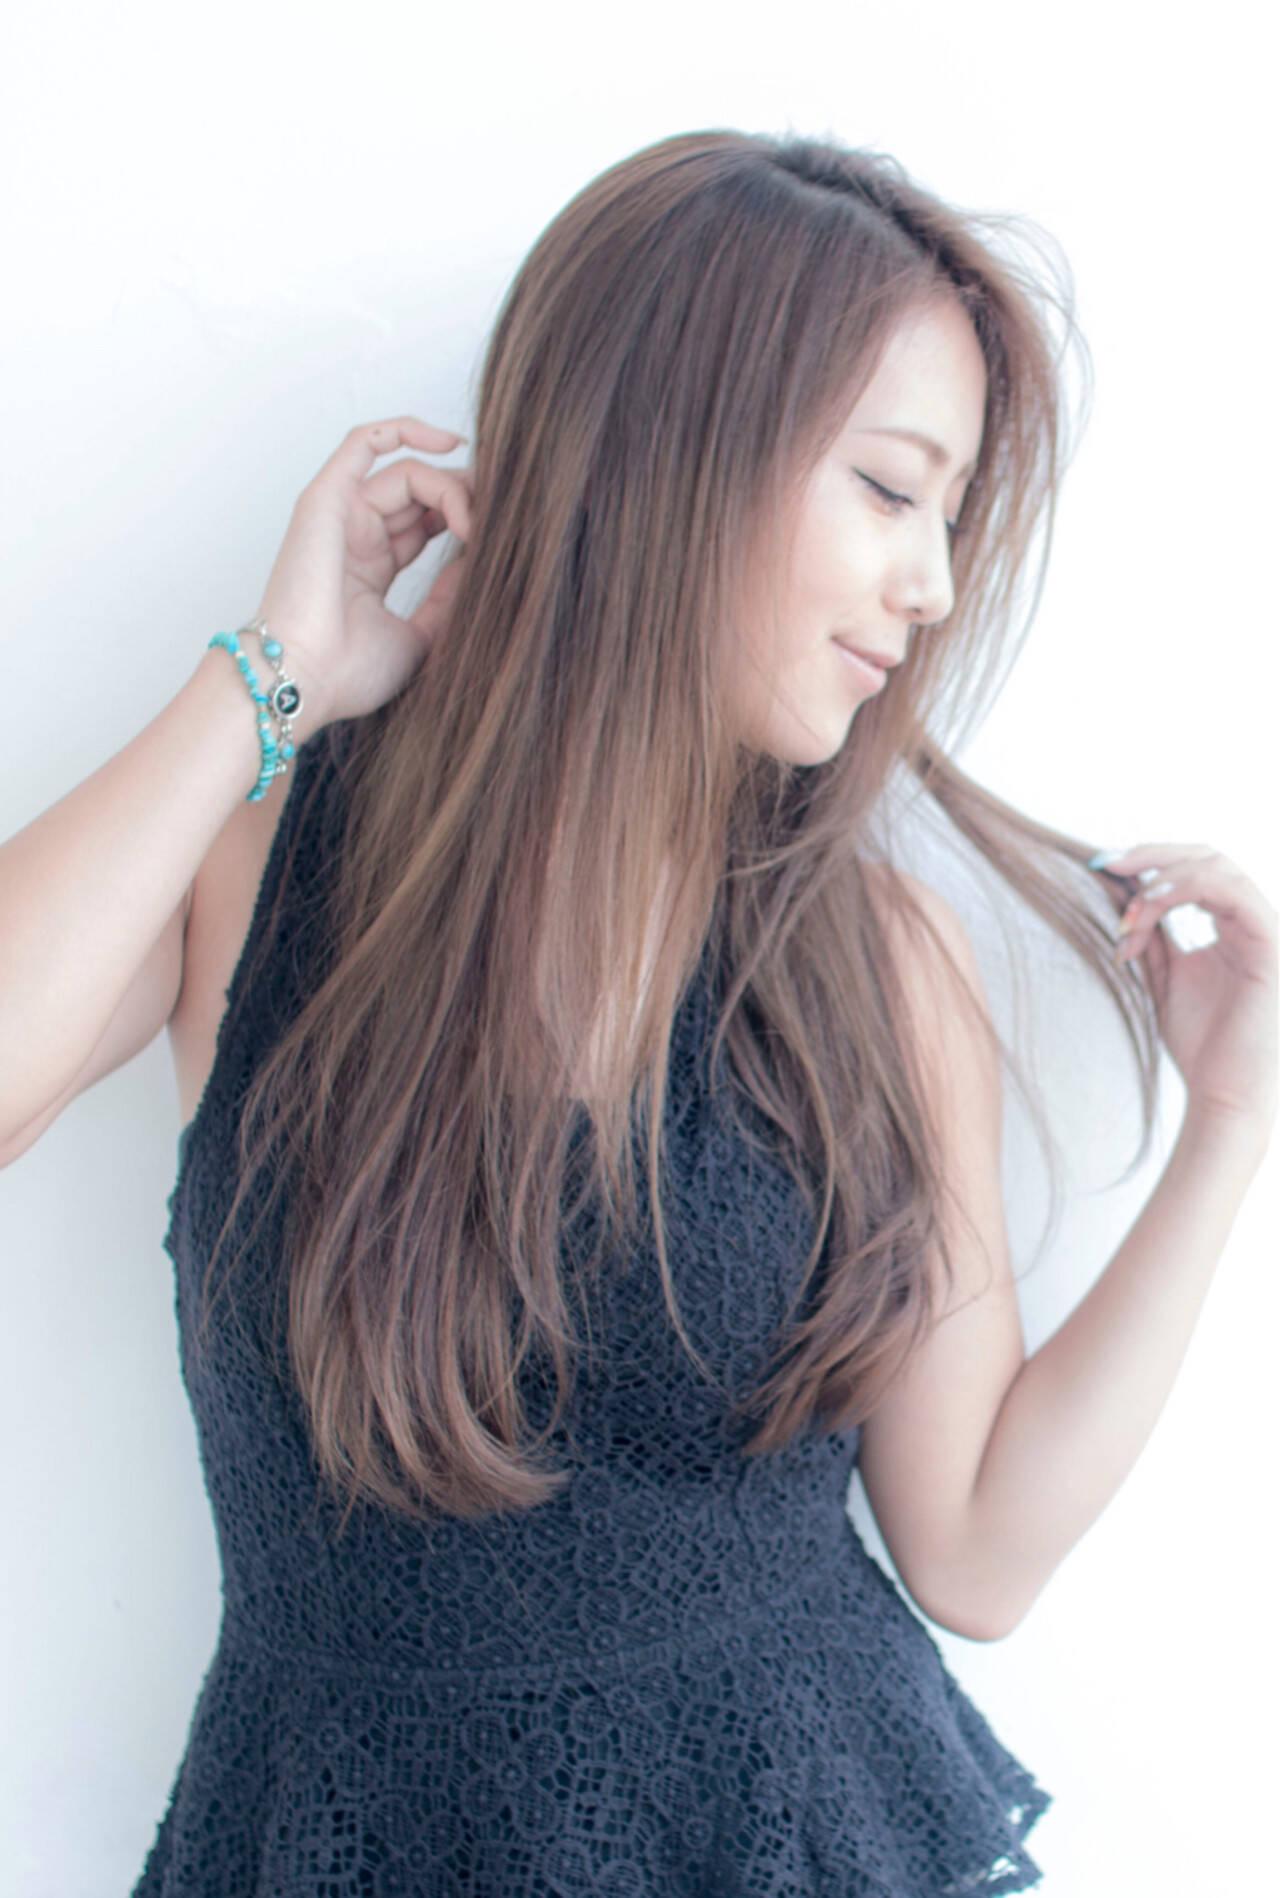 セミロング 梅雨 アンニュイ フェミニンヘアスタイルや髪型の写真・画像